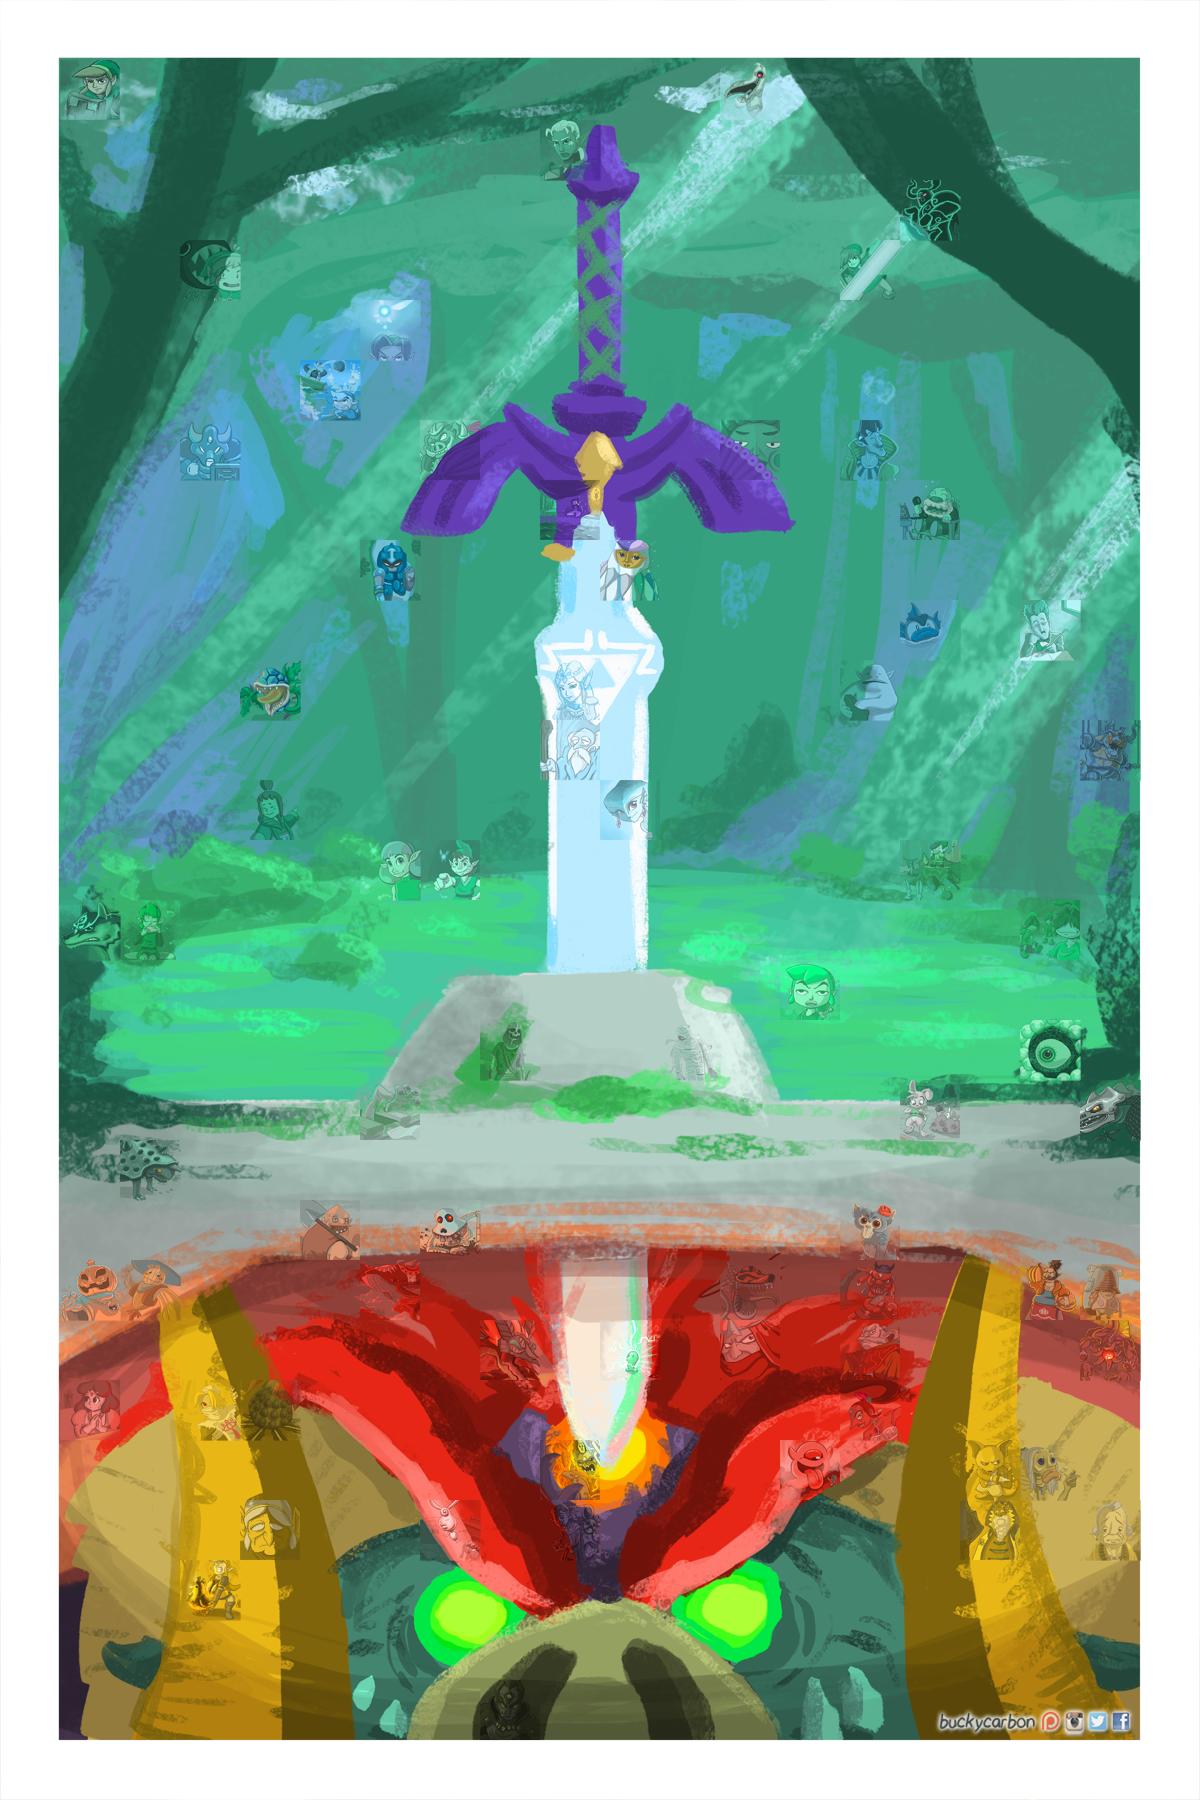 #ZeldaChallenge Poster Progress Update